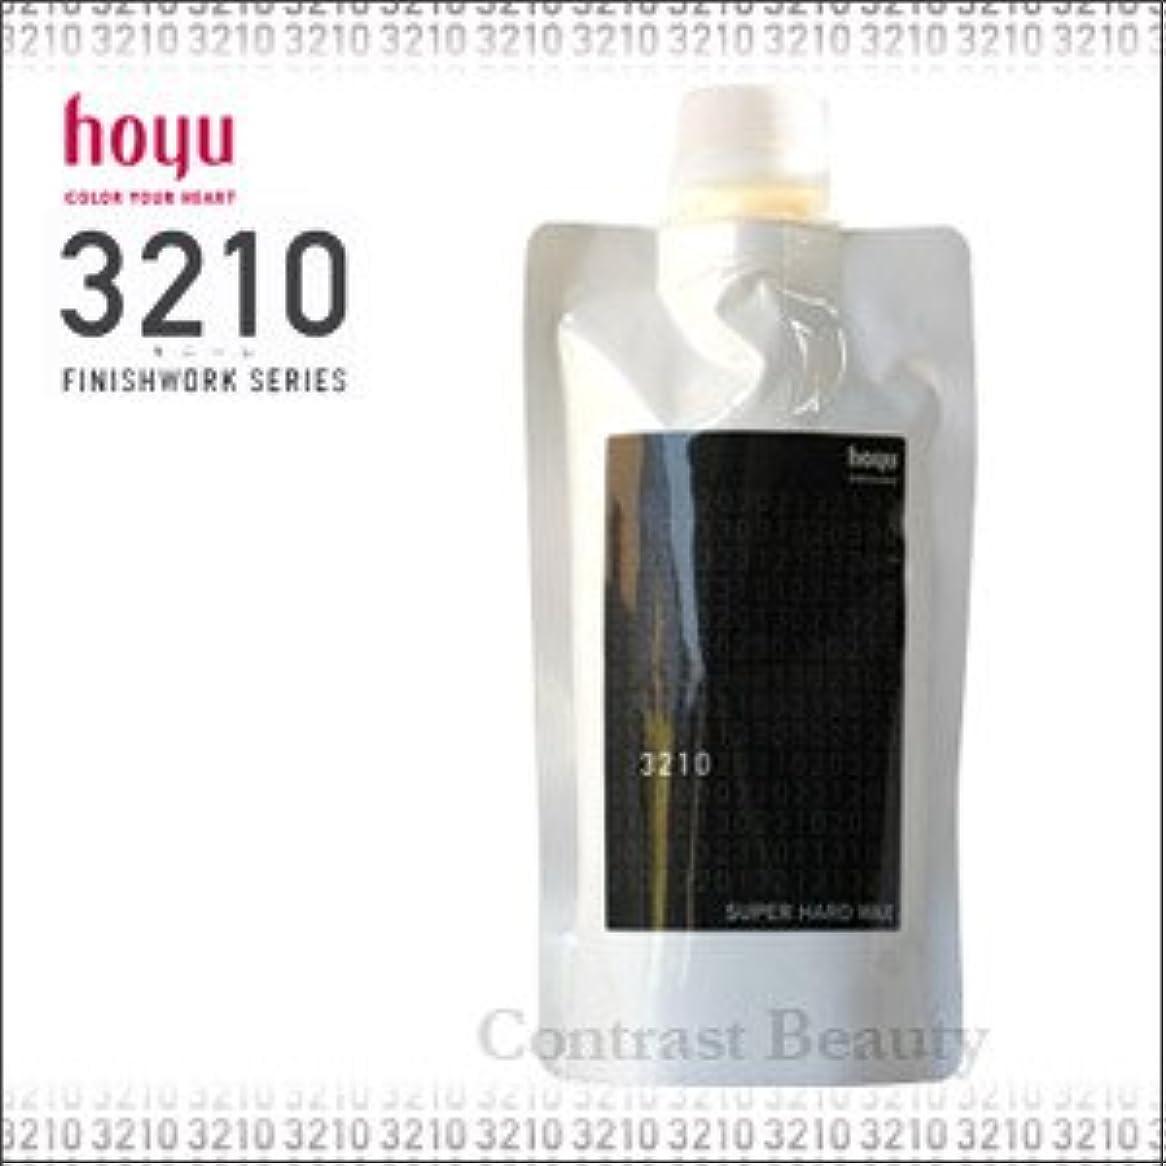 不確実実施する香水【X5個セット】 ホーユー ミニーレ スーパーハードワックス 200g 詰替え用